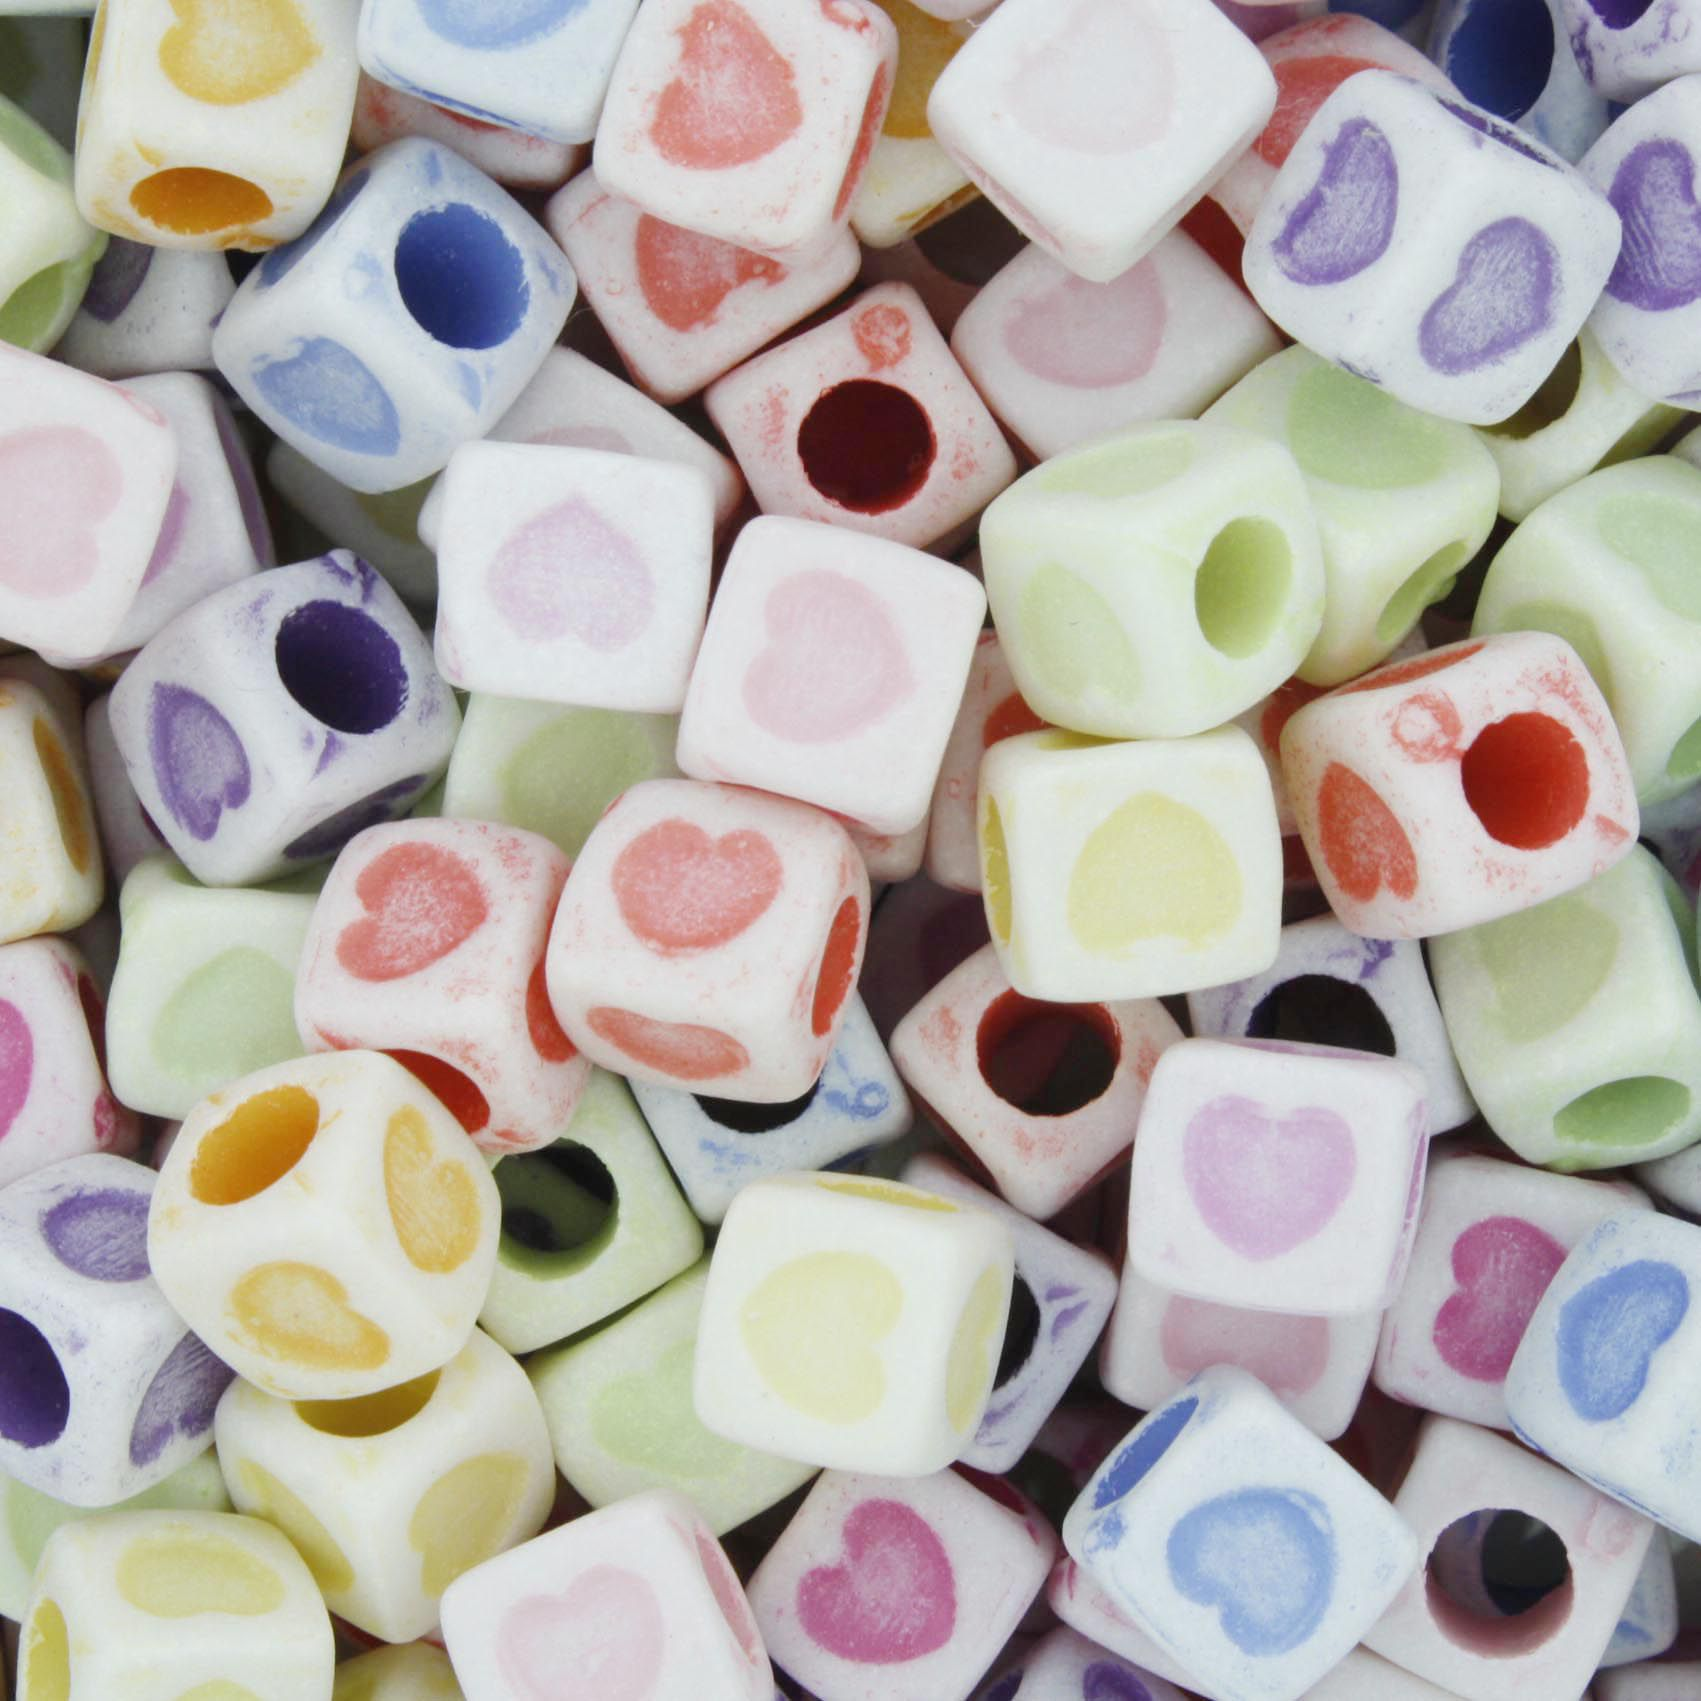 Miçanga Colorida / Infantil - Coração Cubo  - Stéphanie Bijoux® - Peças para Bijuterias e Artesanato